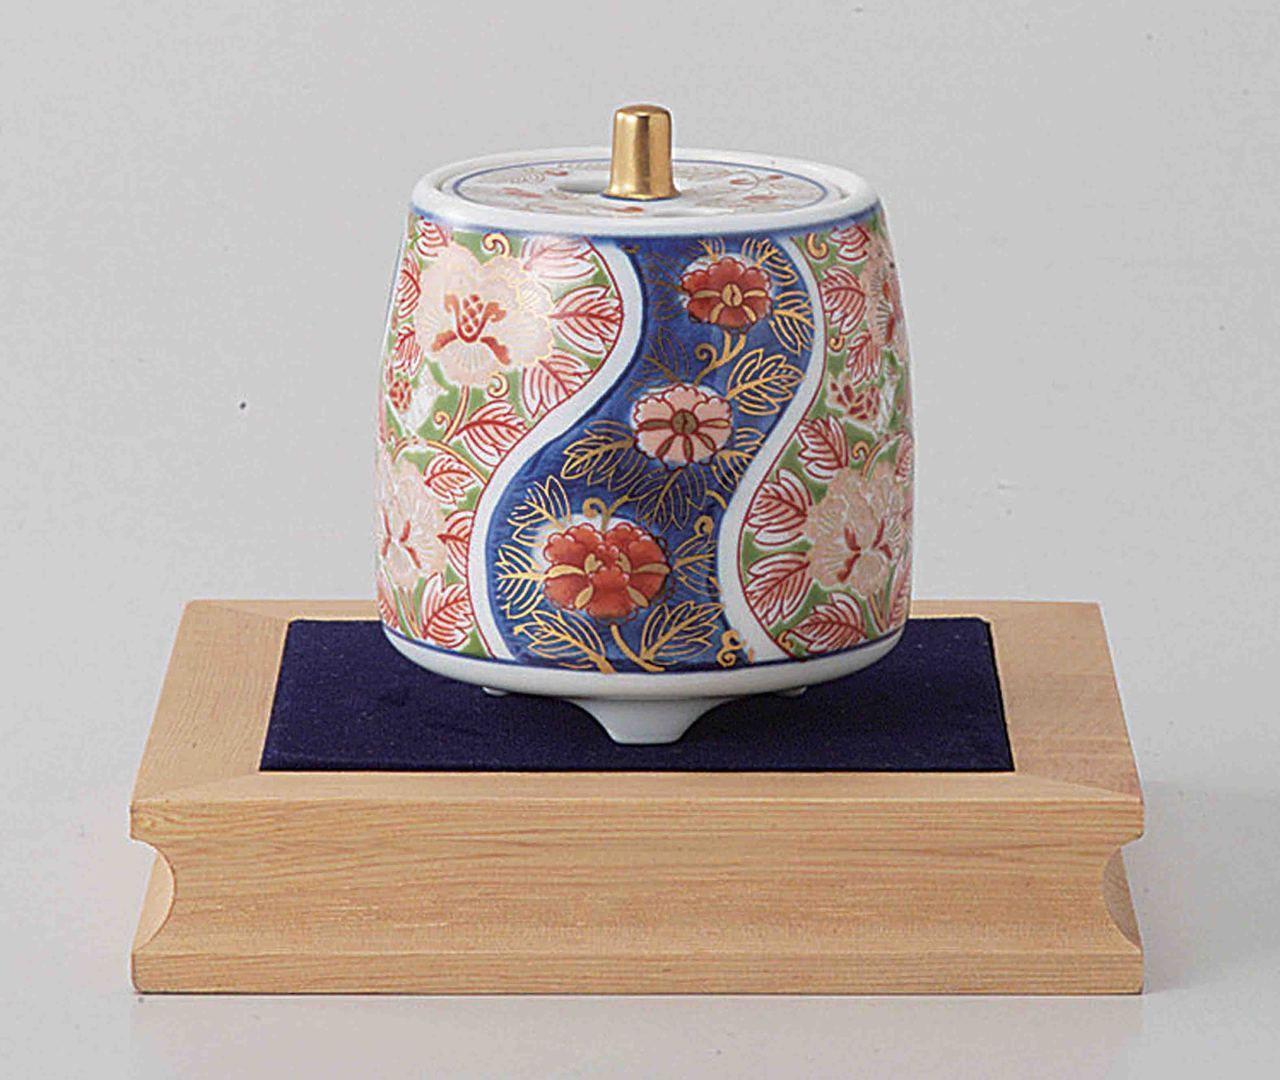 Tokyo Matcha Selection - Arita Porcelain Cencer : PEONY - Incense Burner Holder w Base